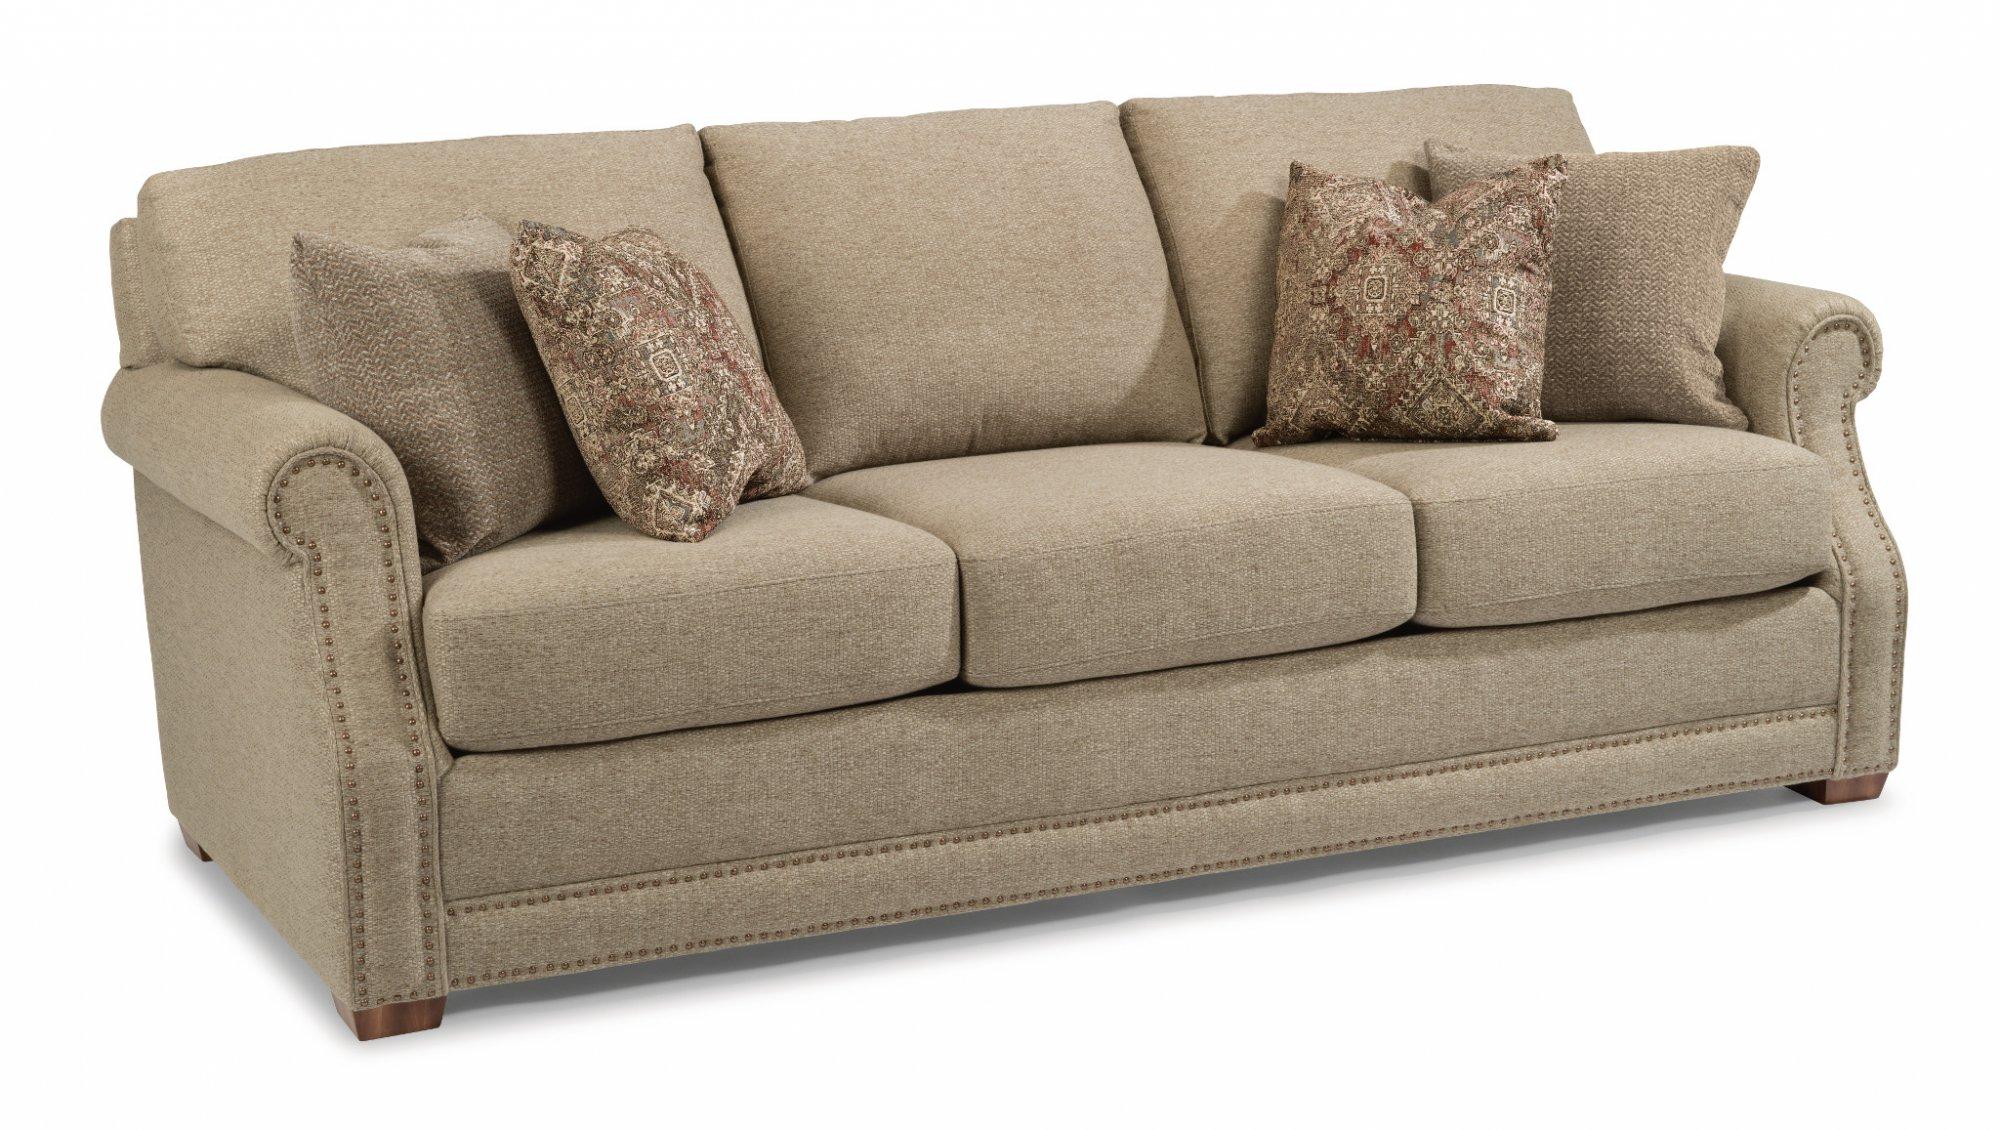 Tolle Sofas Sofas Bilder - Die Schlafzimmerideen - kruloei.info